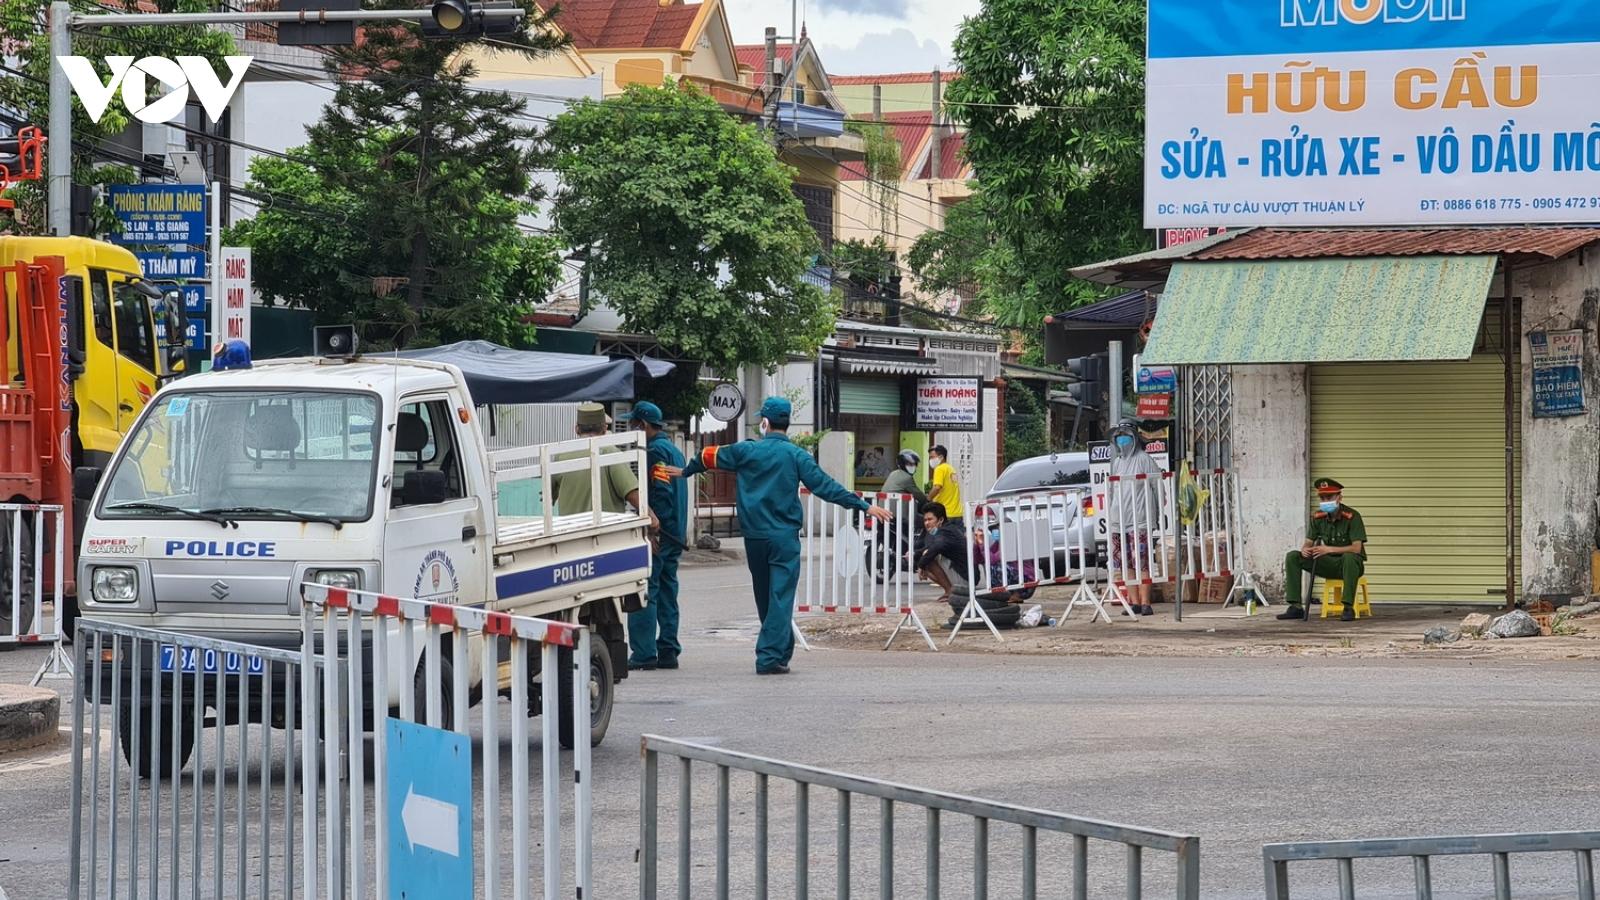 Quảng Bình: Thêm 2 huyện thực hiện giãn cách xã hội